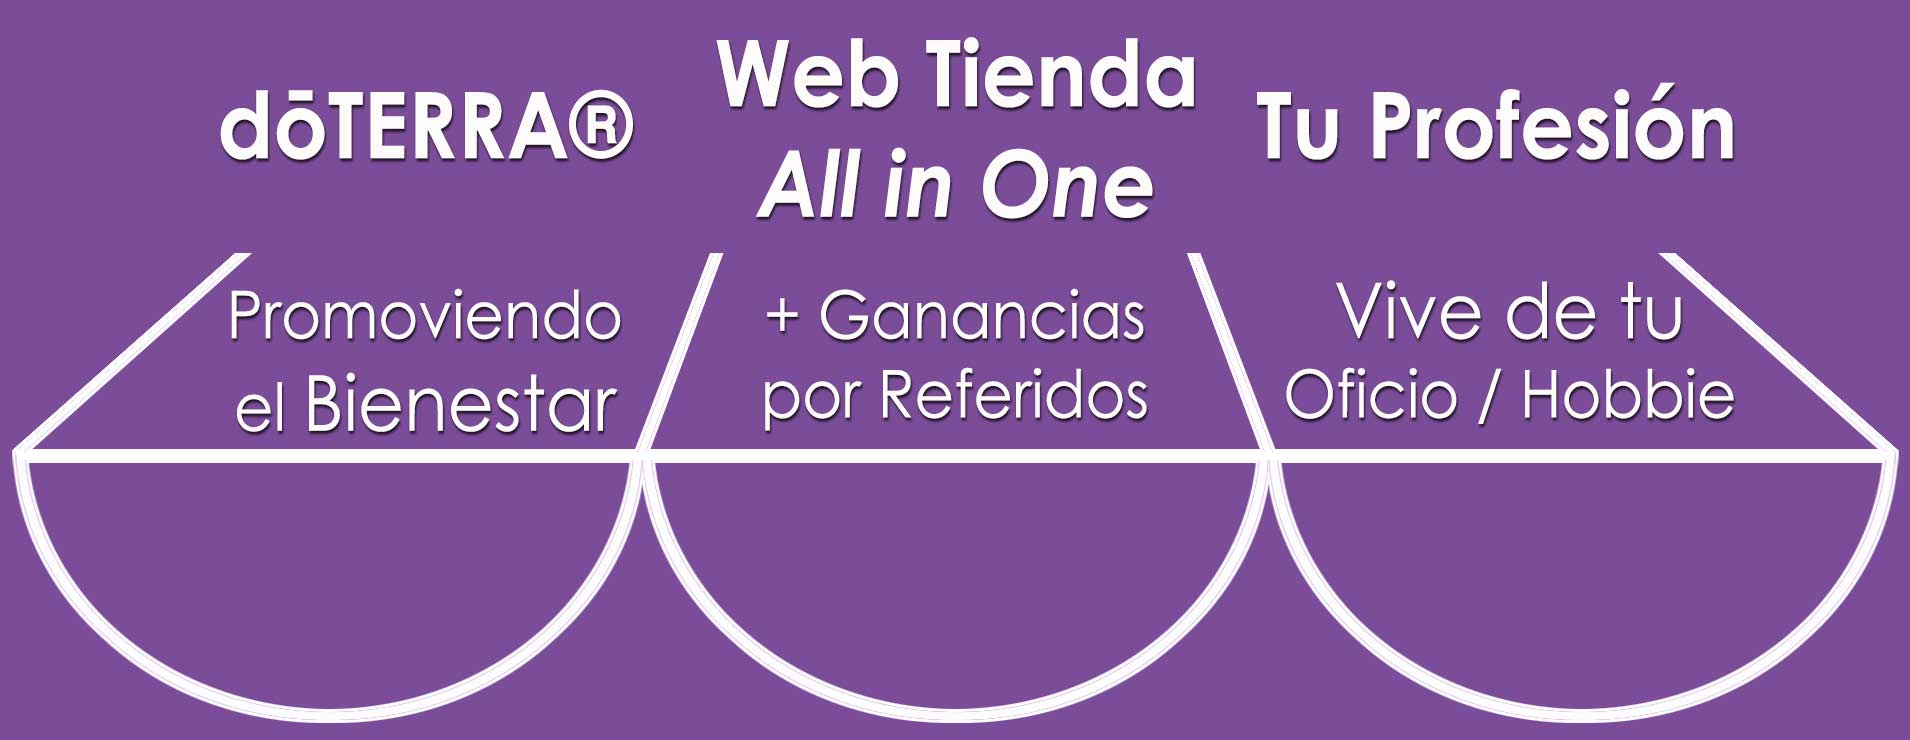 Múltiples fuentes de ingresoS integradas en una WEB - TIENDA